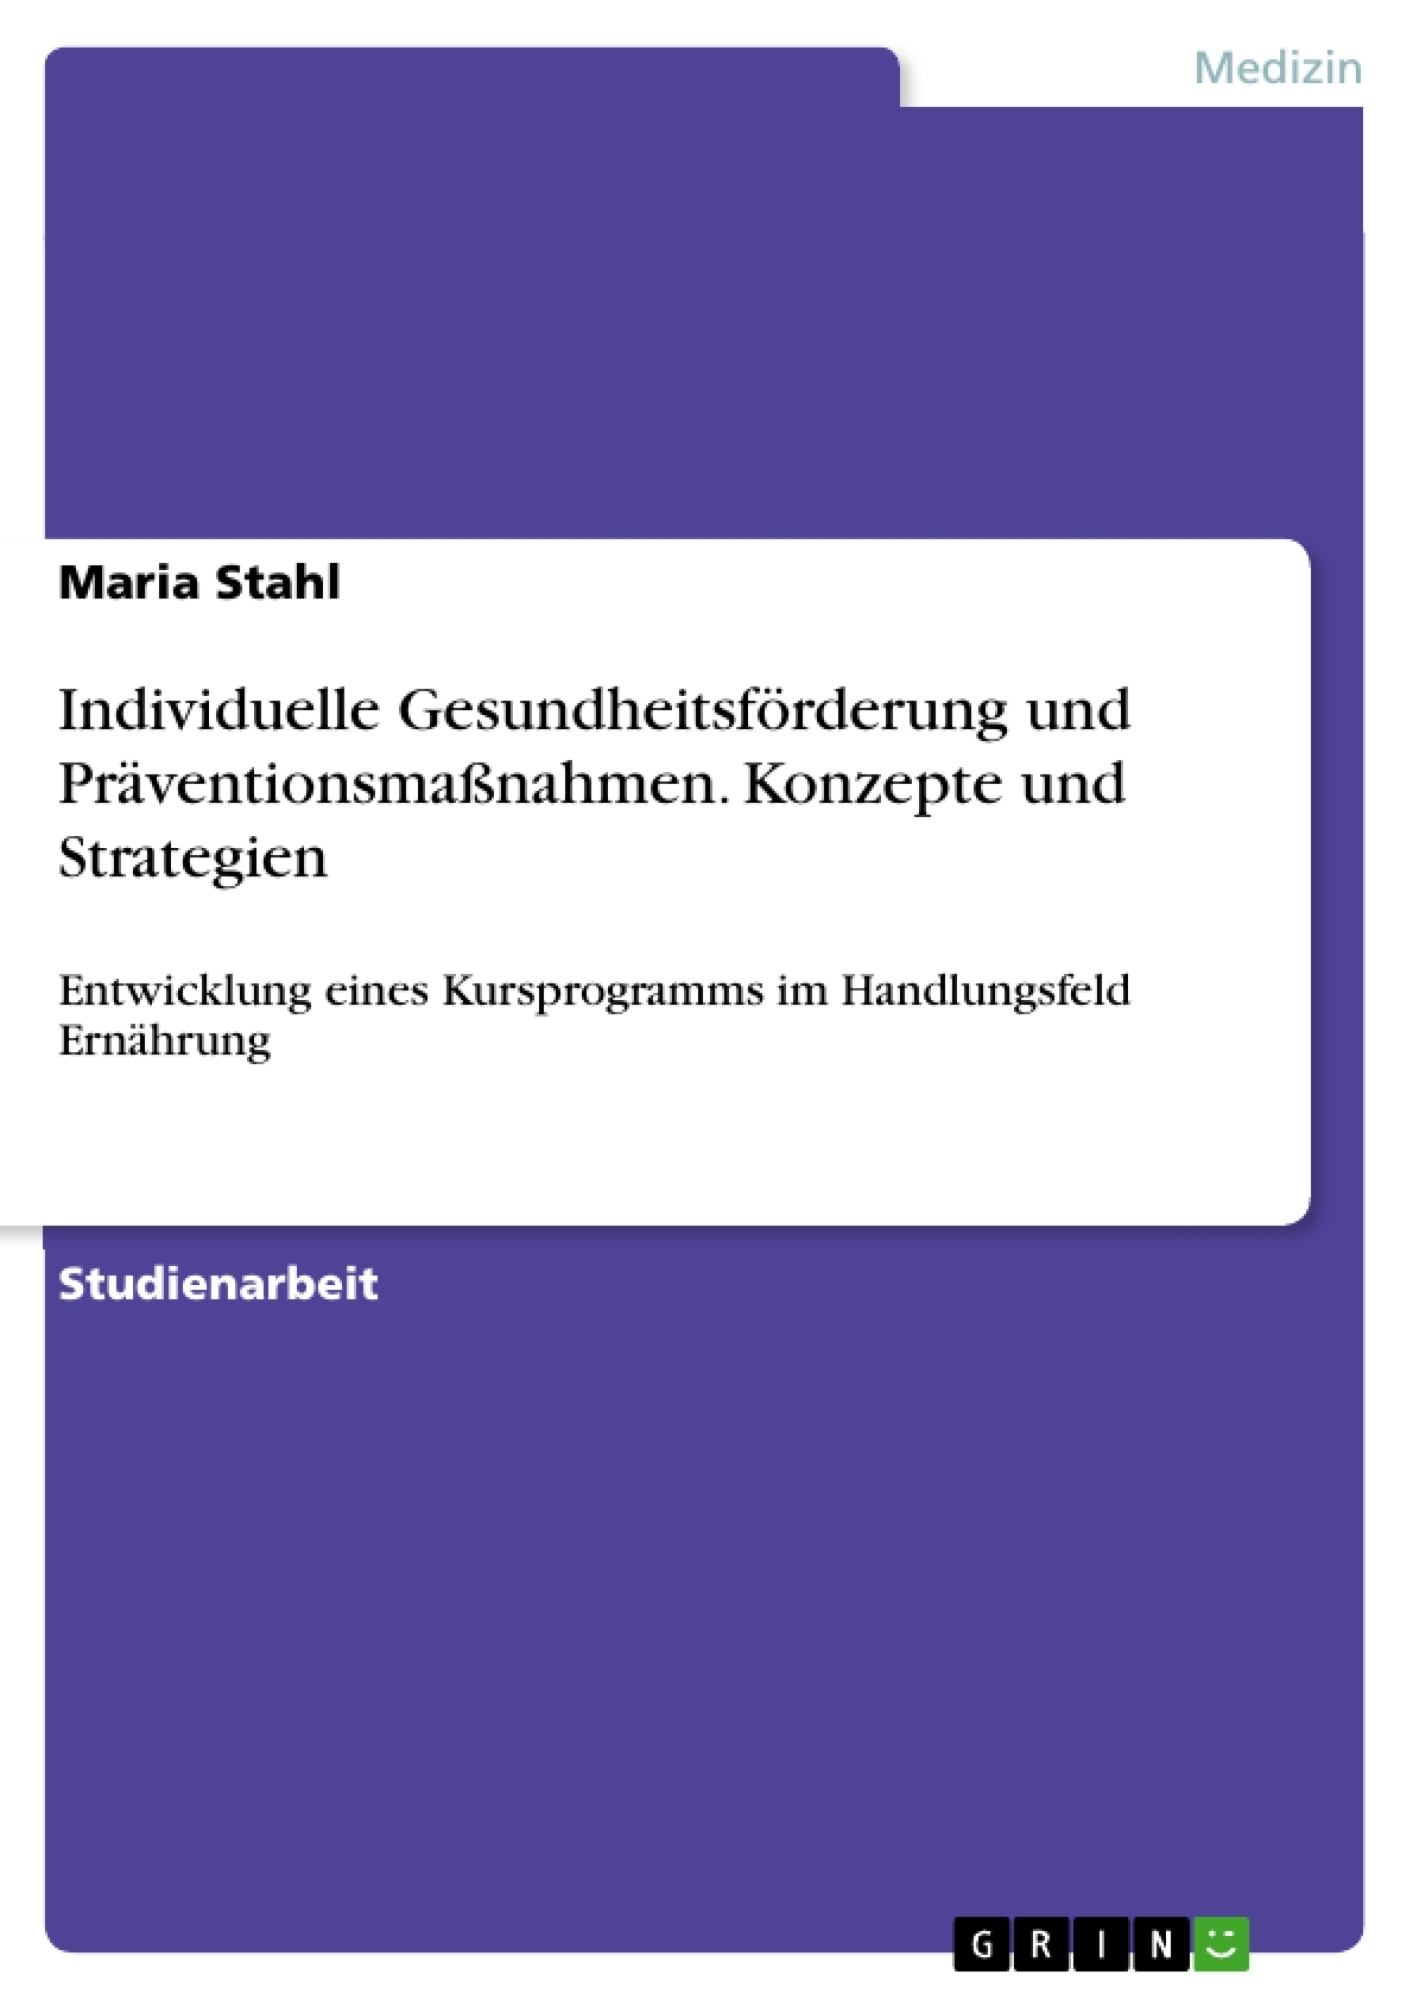 Titel: Individuelle Gesundheitsförderung und Präventionsmaßnahmen. Konzepte und Strategien